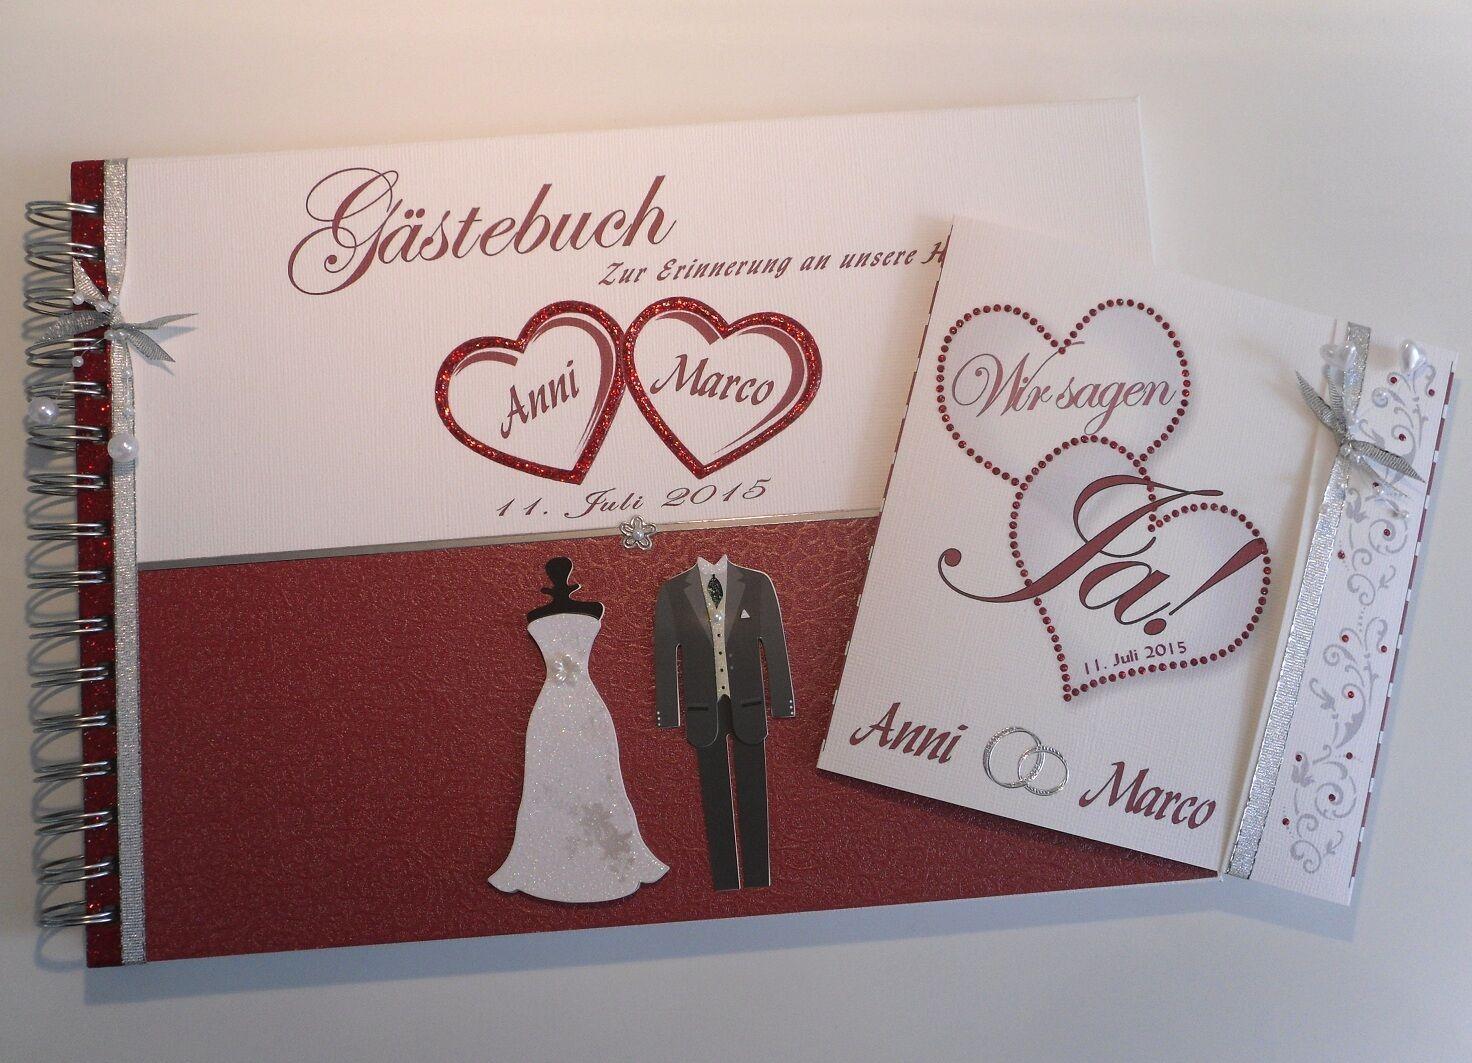 1 x Hardcover Gästebuch zur Hochzeit und 10 x Einladung zur Hochzeit als Paket